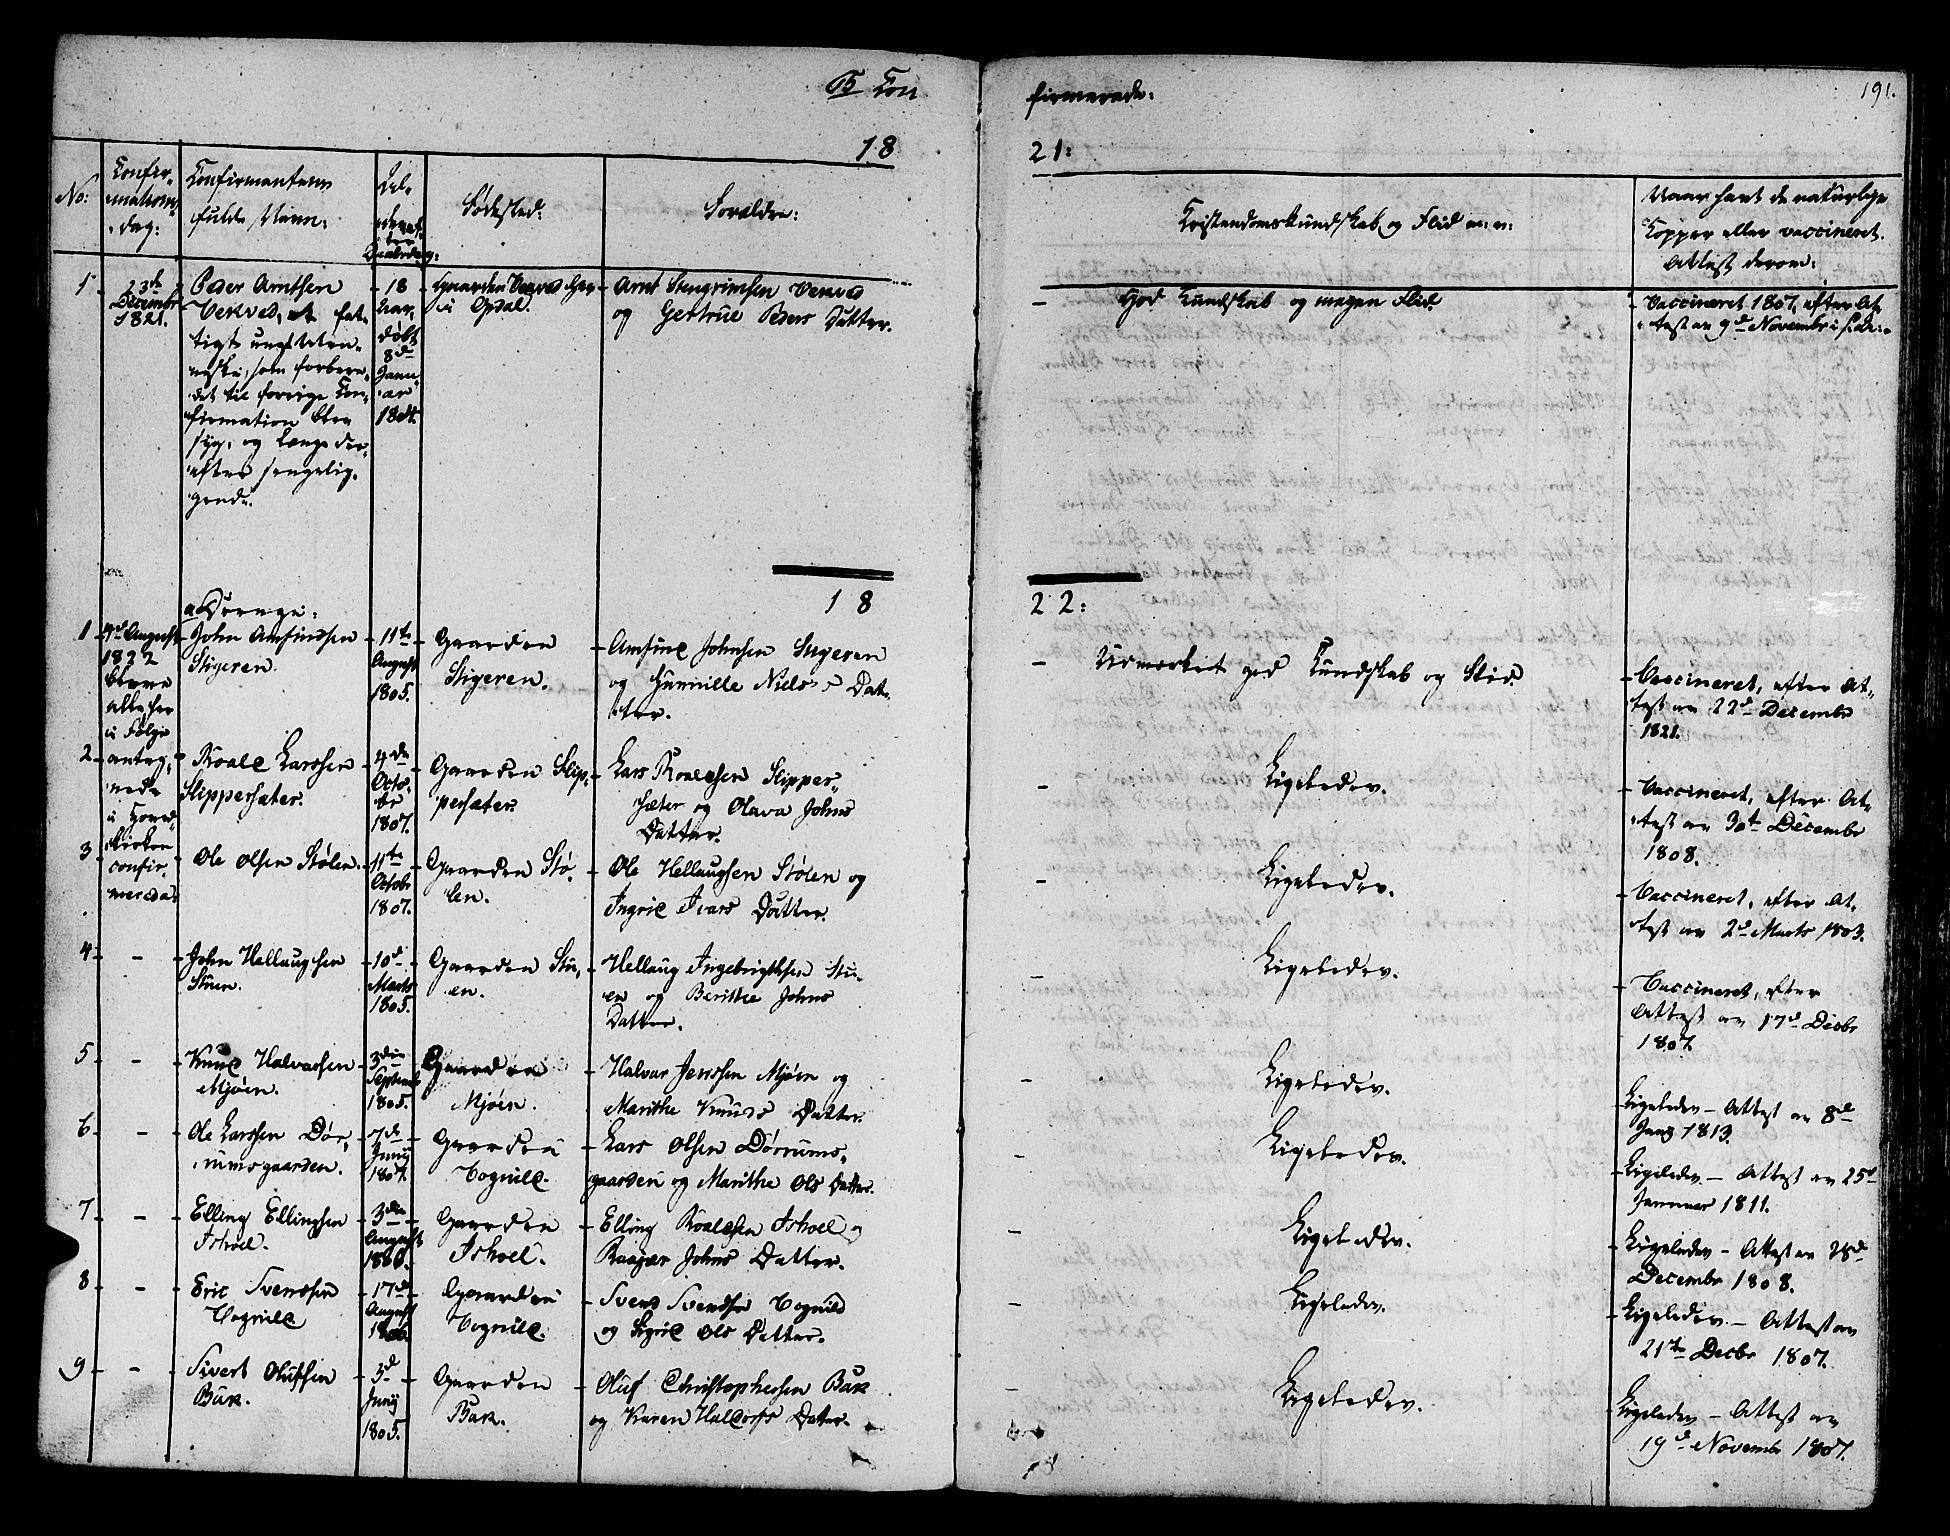 SAT, Ministerialprotokoller, klokkerbøker og fødselsregistre - Sør-Trøndelag, 678/L0897: Ministerialbok nr. 678A06-07, 1821-1847, s. 191